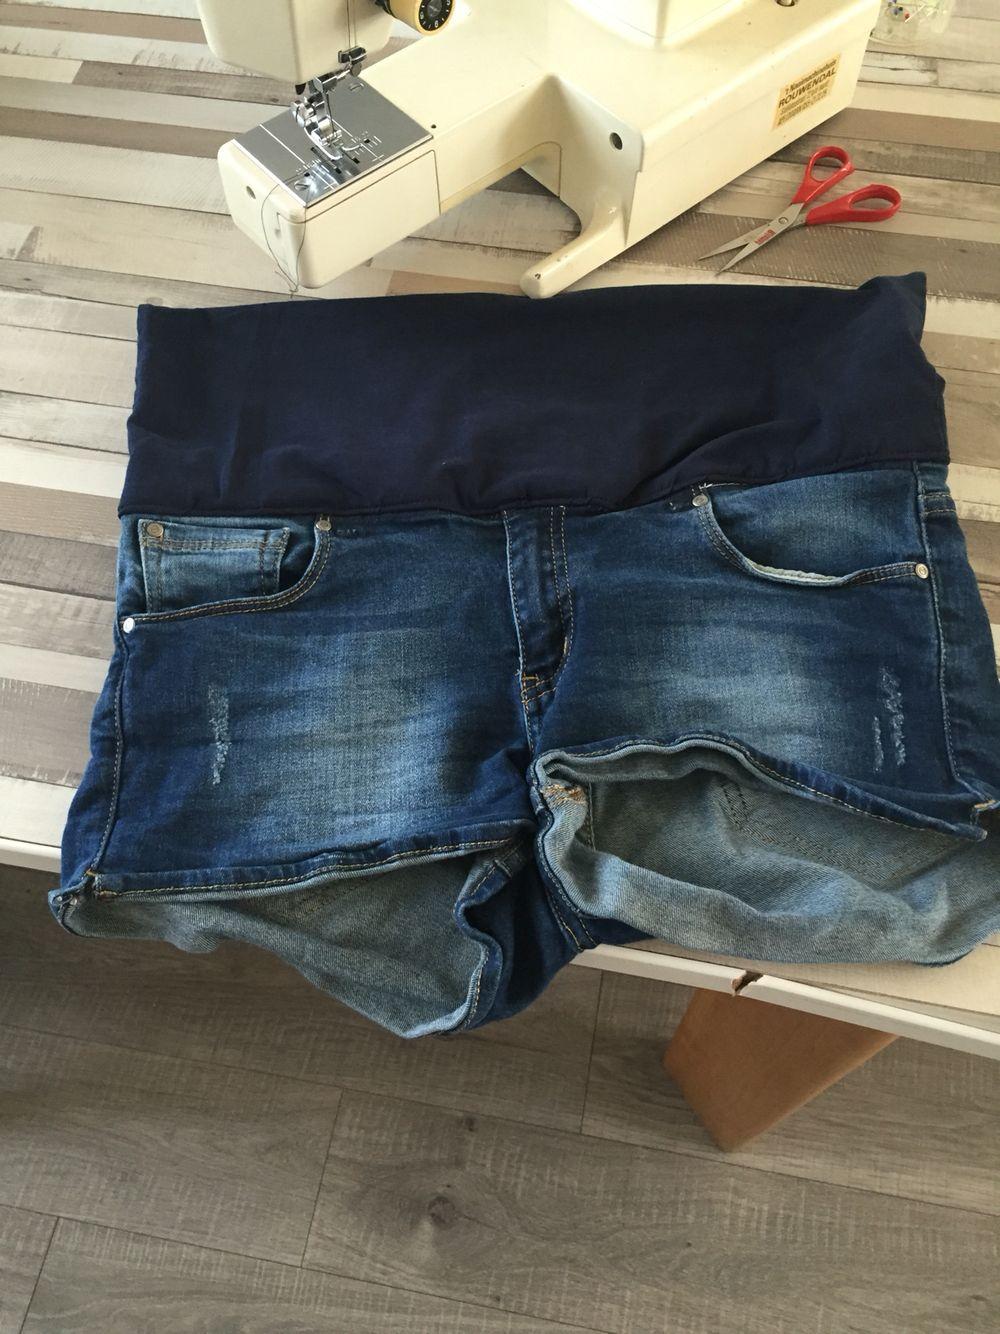 Korte broek + tricot rokje = zwangerschapsbroekje!!